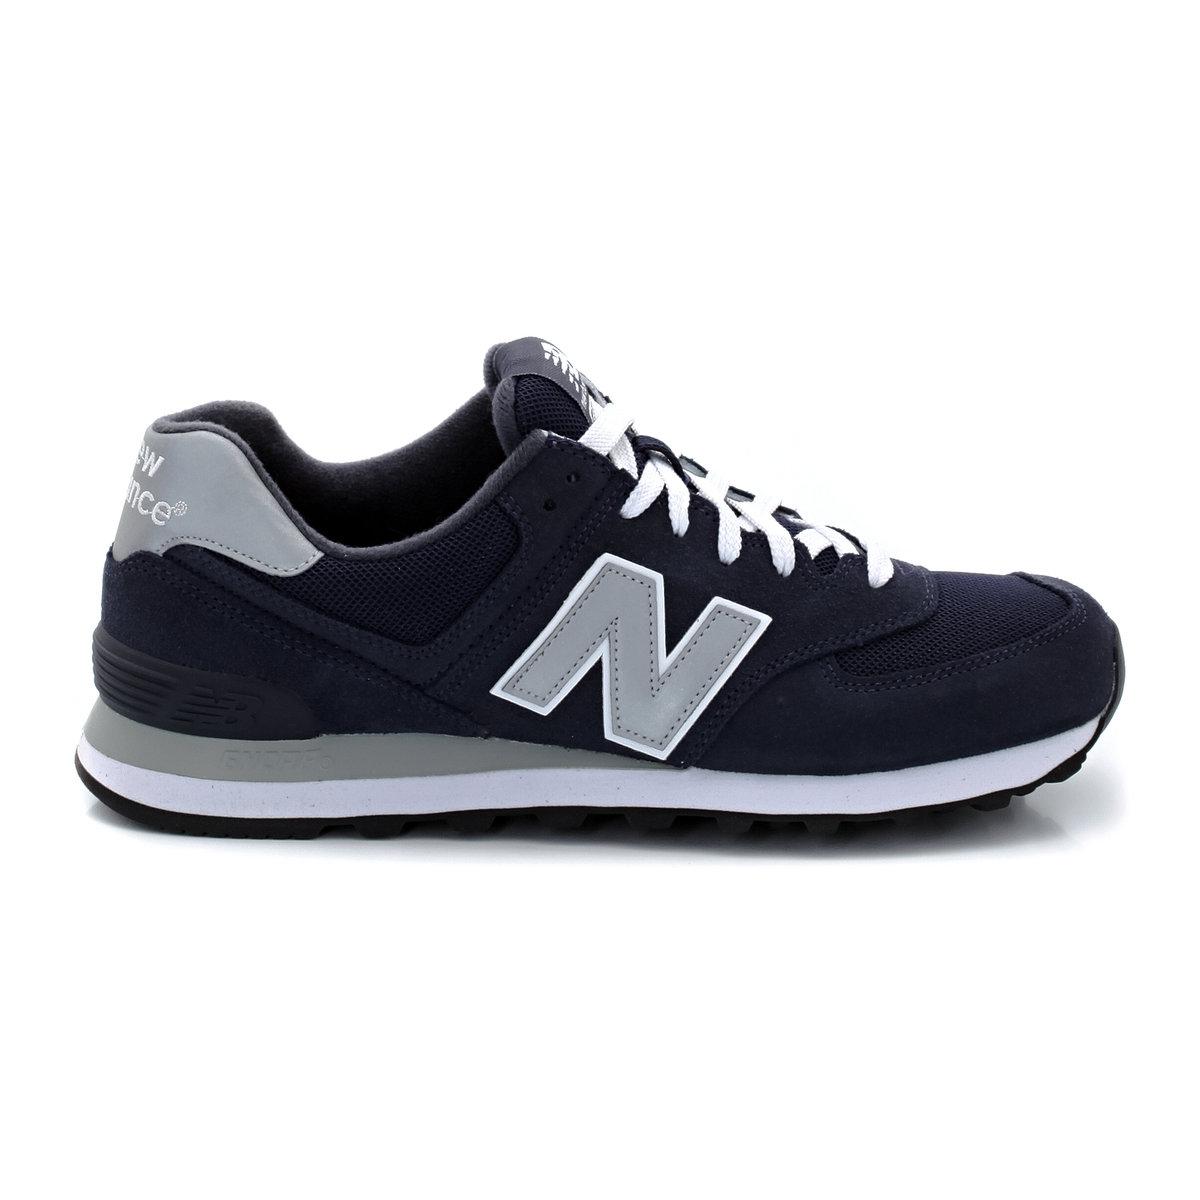 Кроссовки низкие New Balance M574NNЗнаменитая модель кроссовок 574 подарит свободу и комфорт движения : они идеальны для прогулок по городу  .<br><br>Цвет: темно-синий<br>Размер: 39 1/2